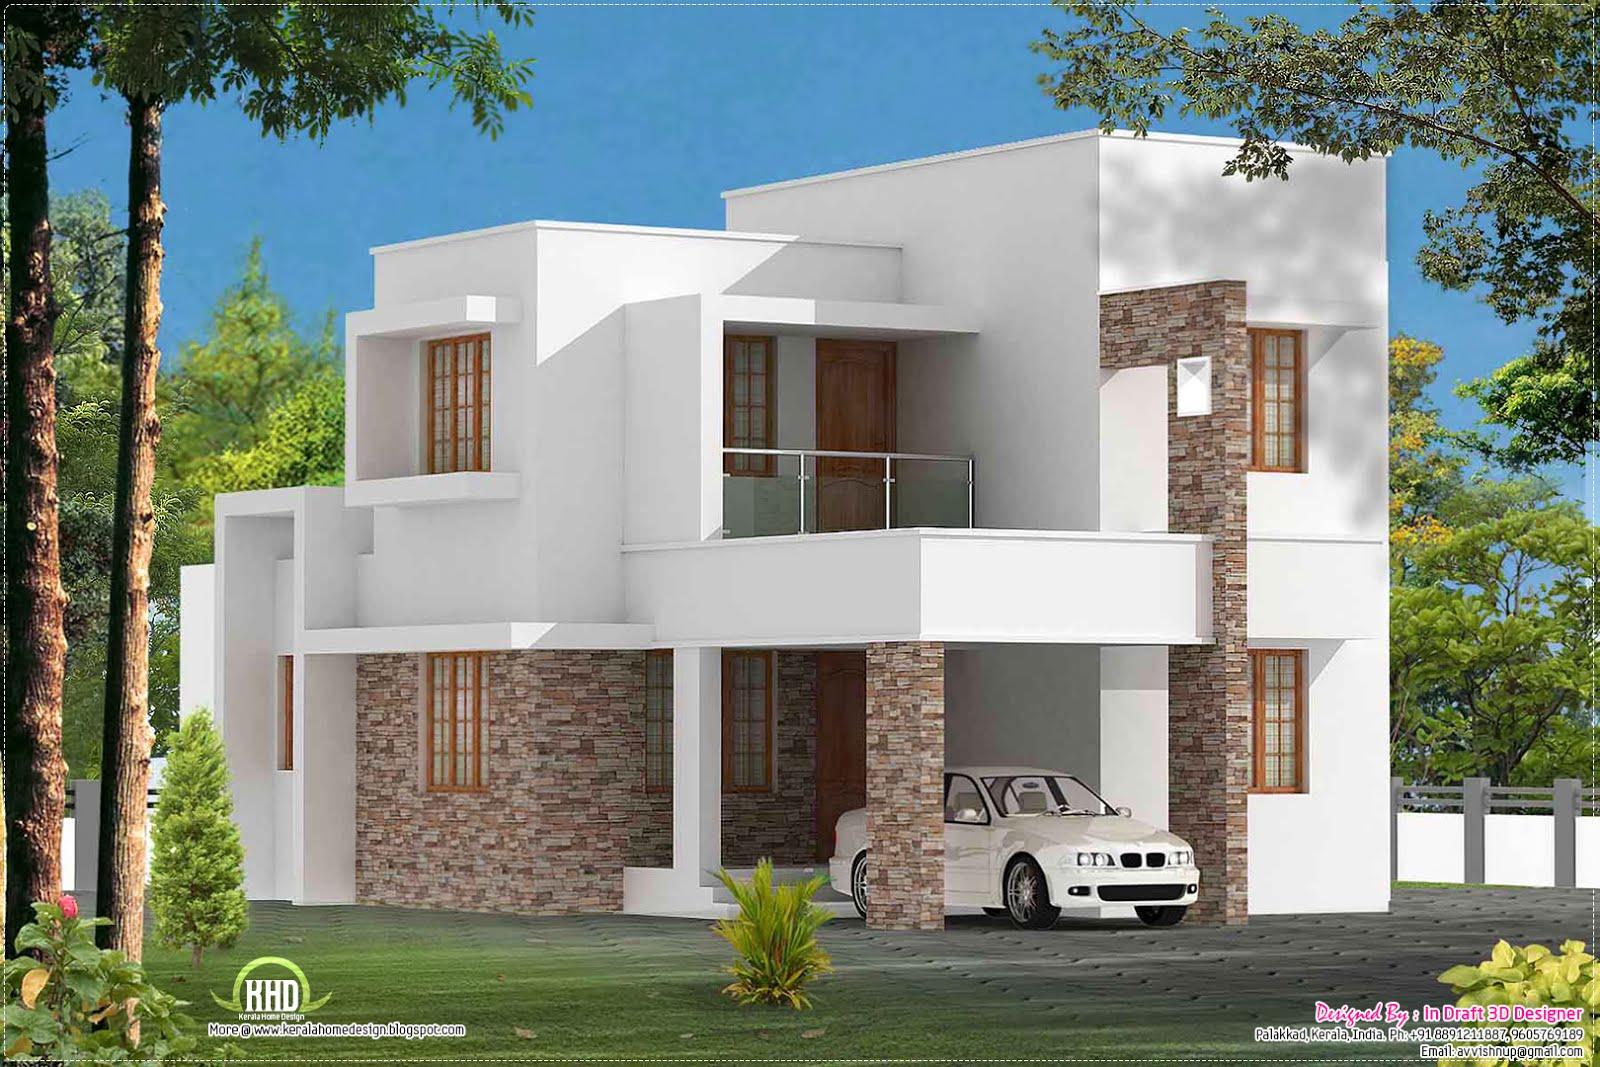 Design Homes Inc